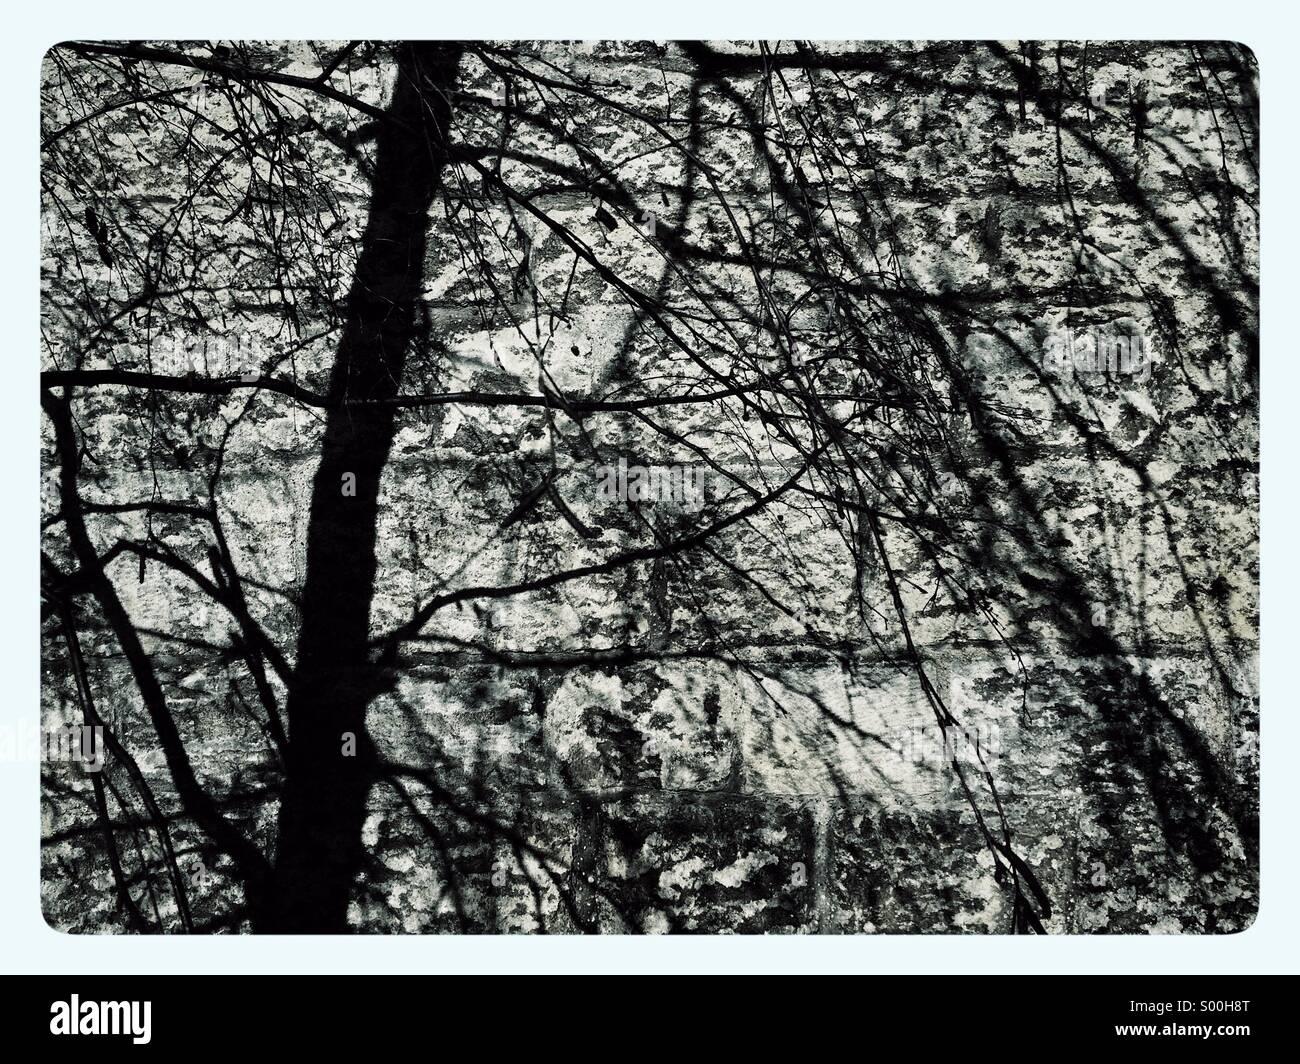 Baum Ast Schatten an der Wand Stockbild